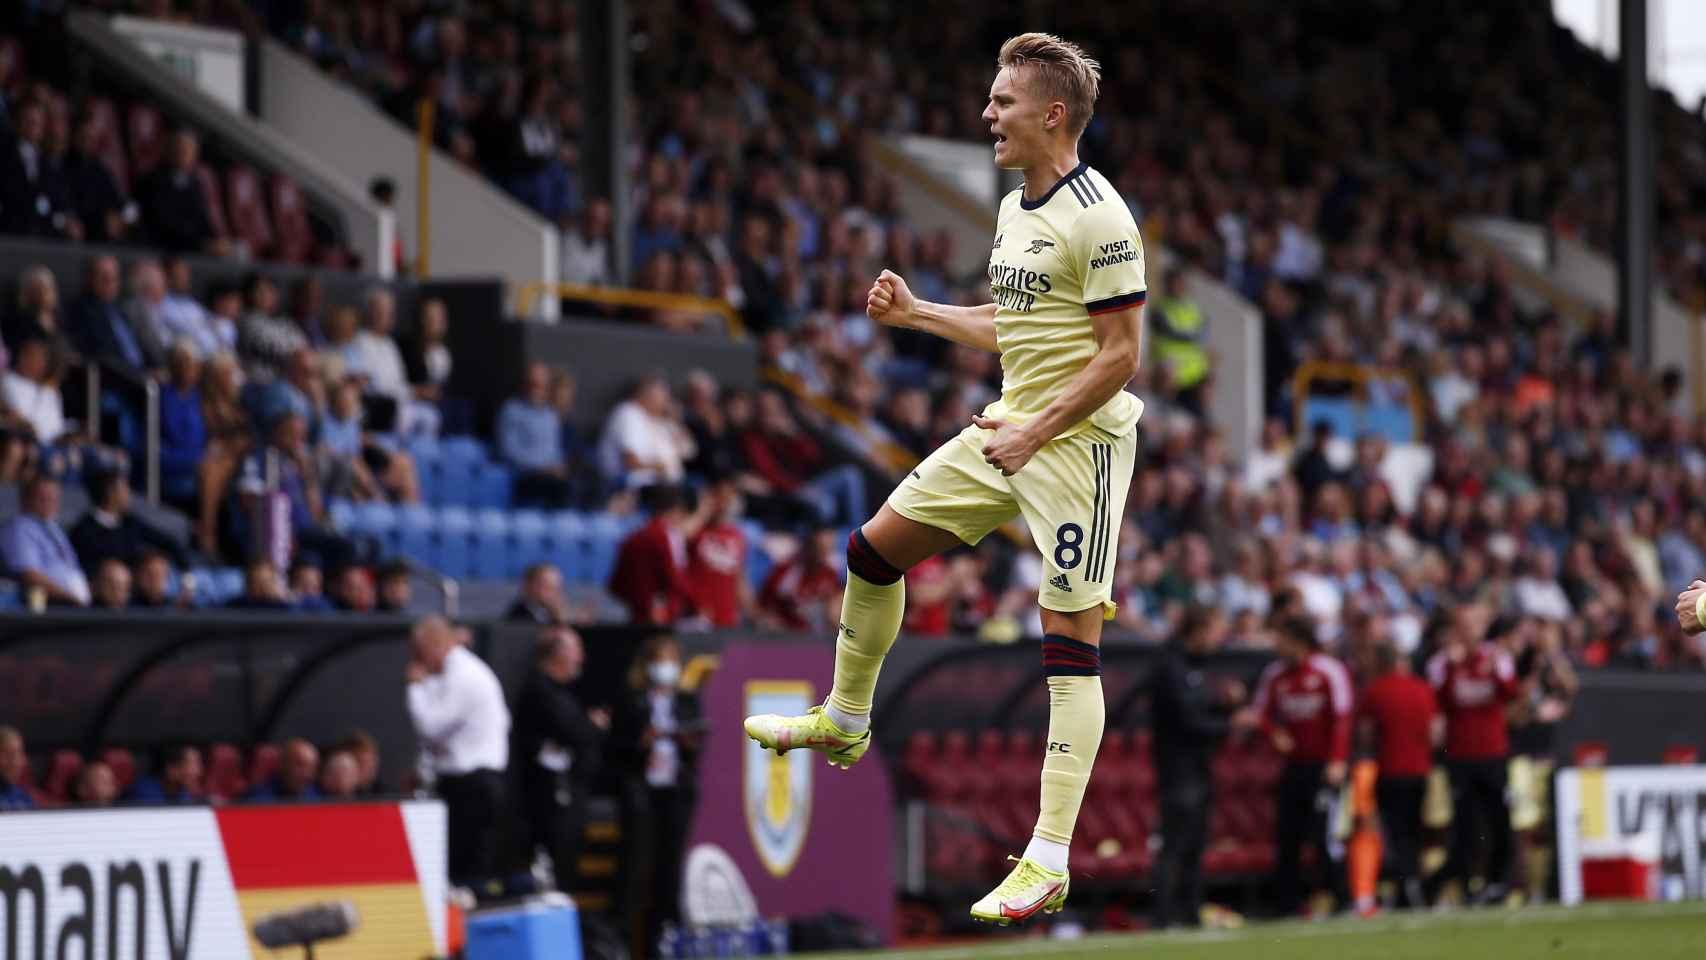 El gol y la celebración de Martin Odegaard de falta en el Burnley - Arsenal